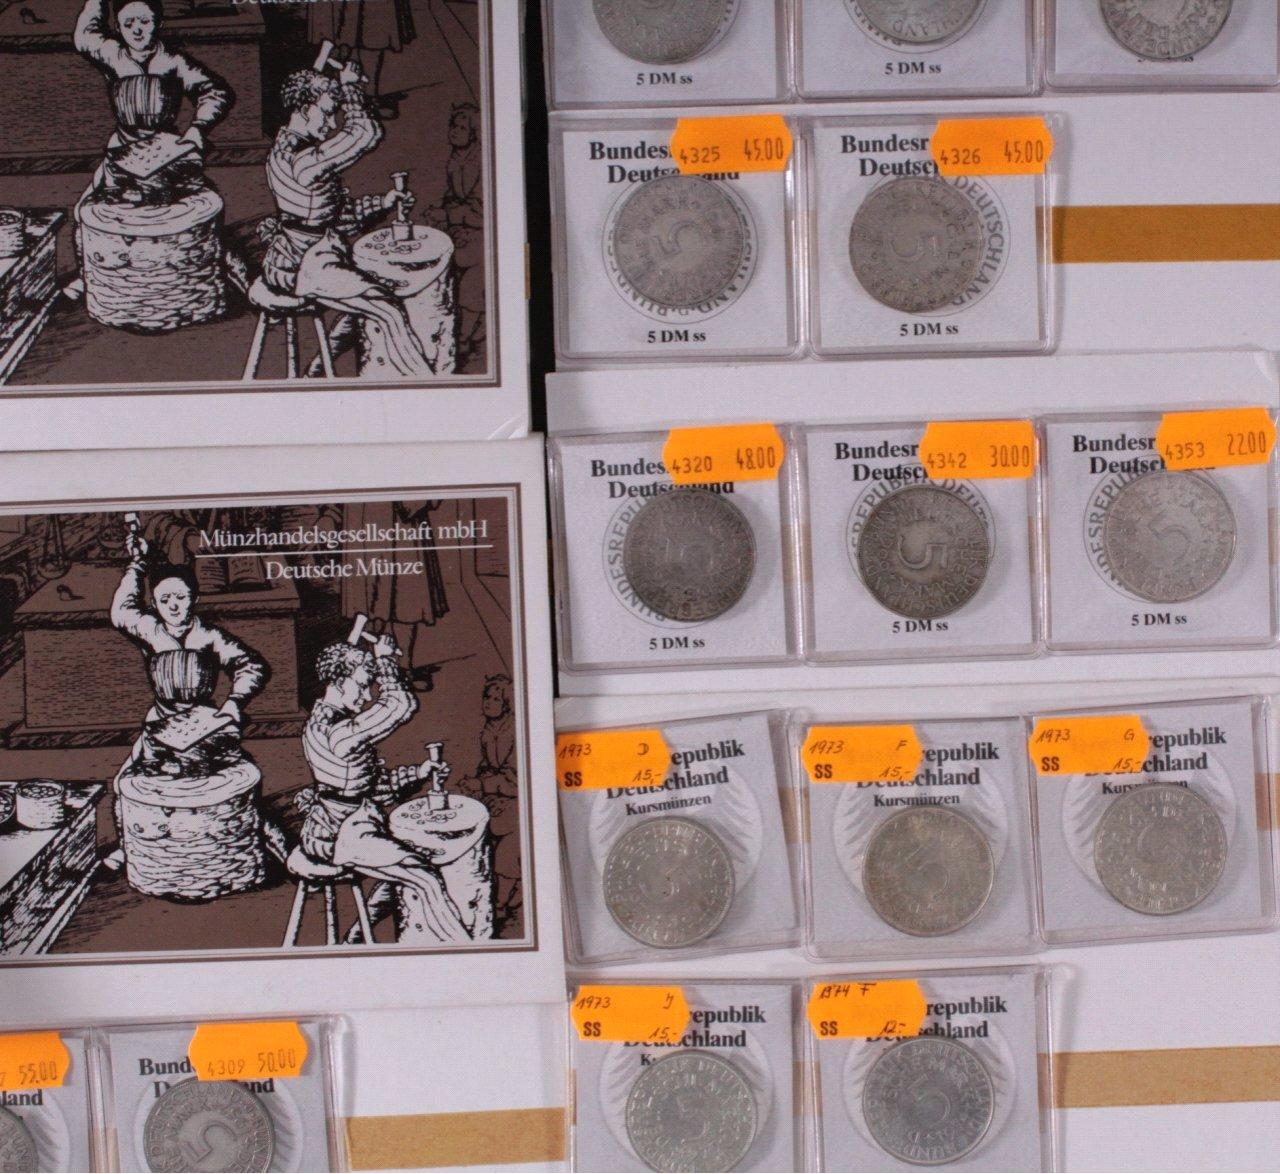 49x 5 Dm Münzen Heiermänner Silberadler Badisches Auktionshaus